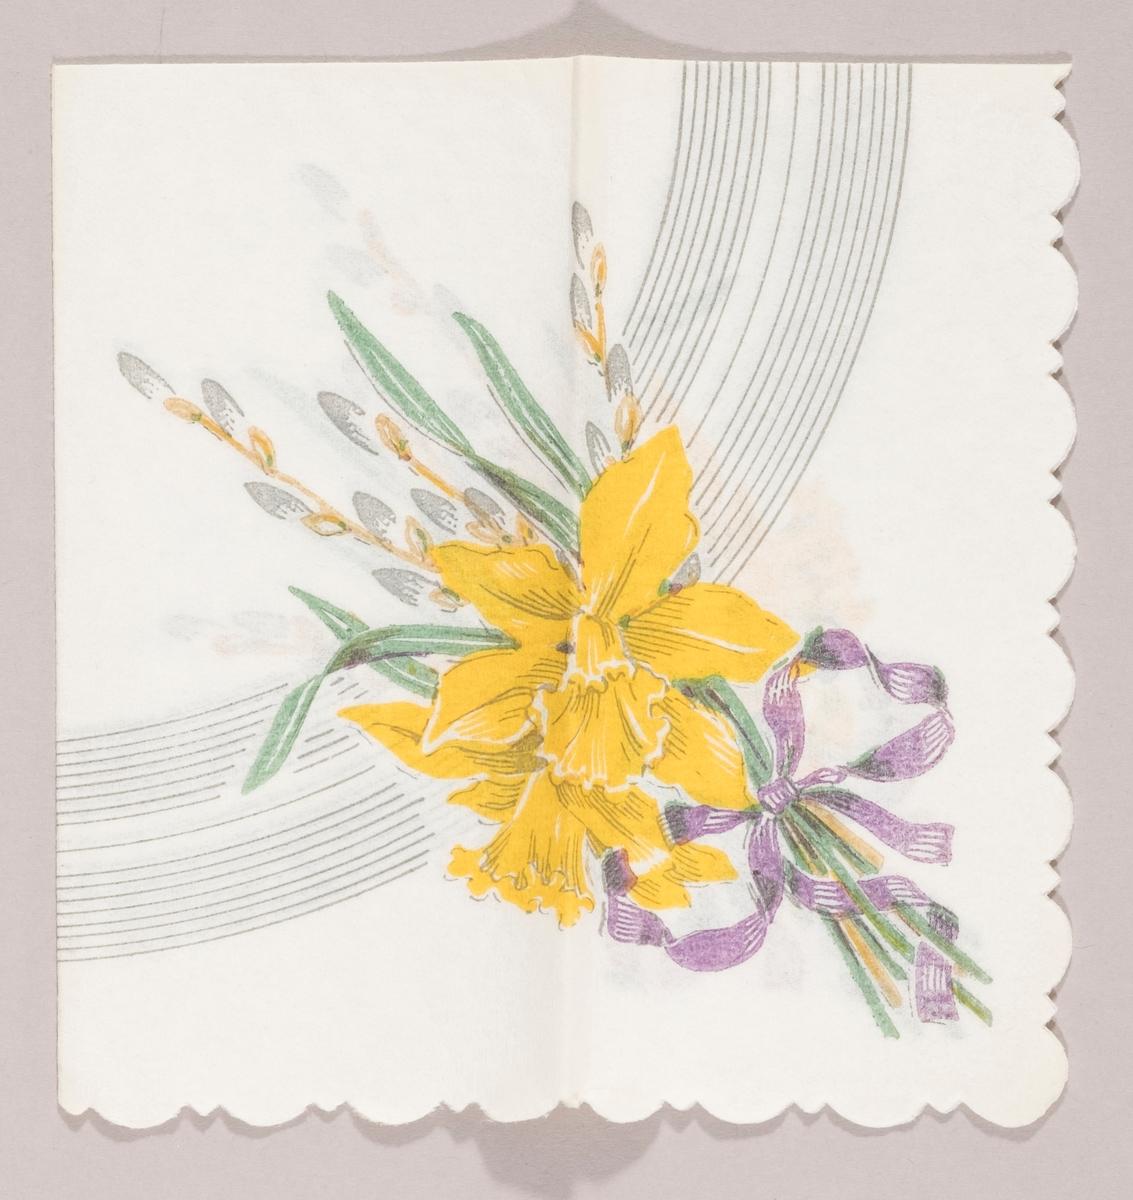 """En bukett med påskeliljer og grener med """"gåsunger"""" bundet med en lilla sløyfe. Rundt stripet mønster i bakgrunnen."""